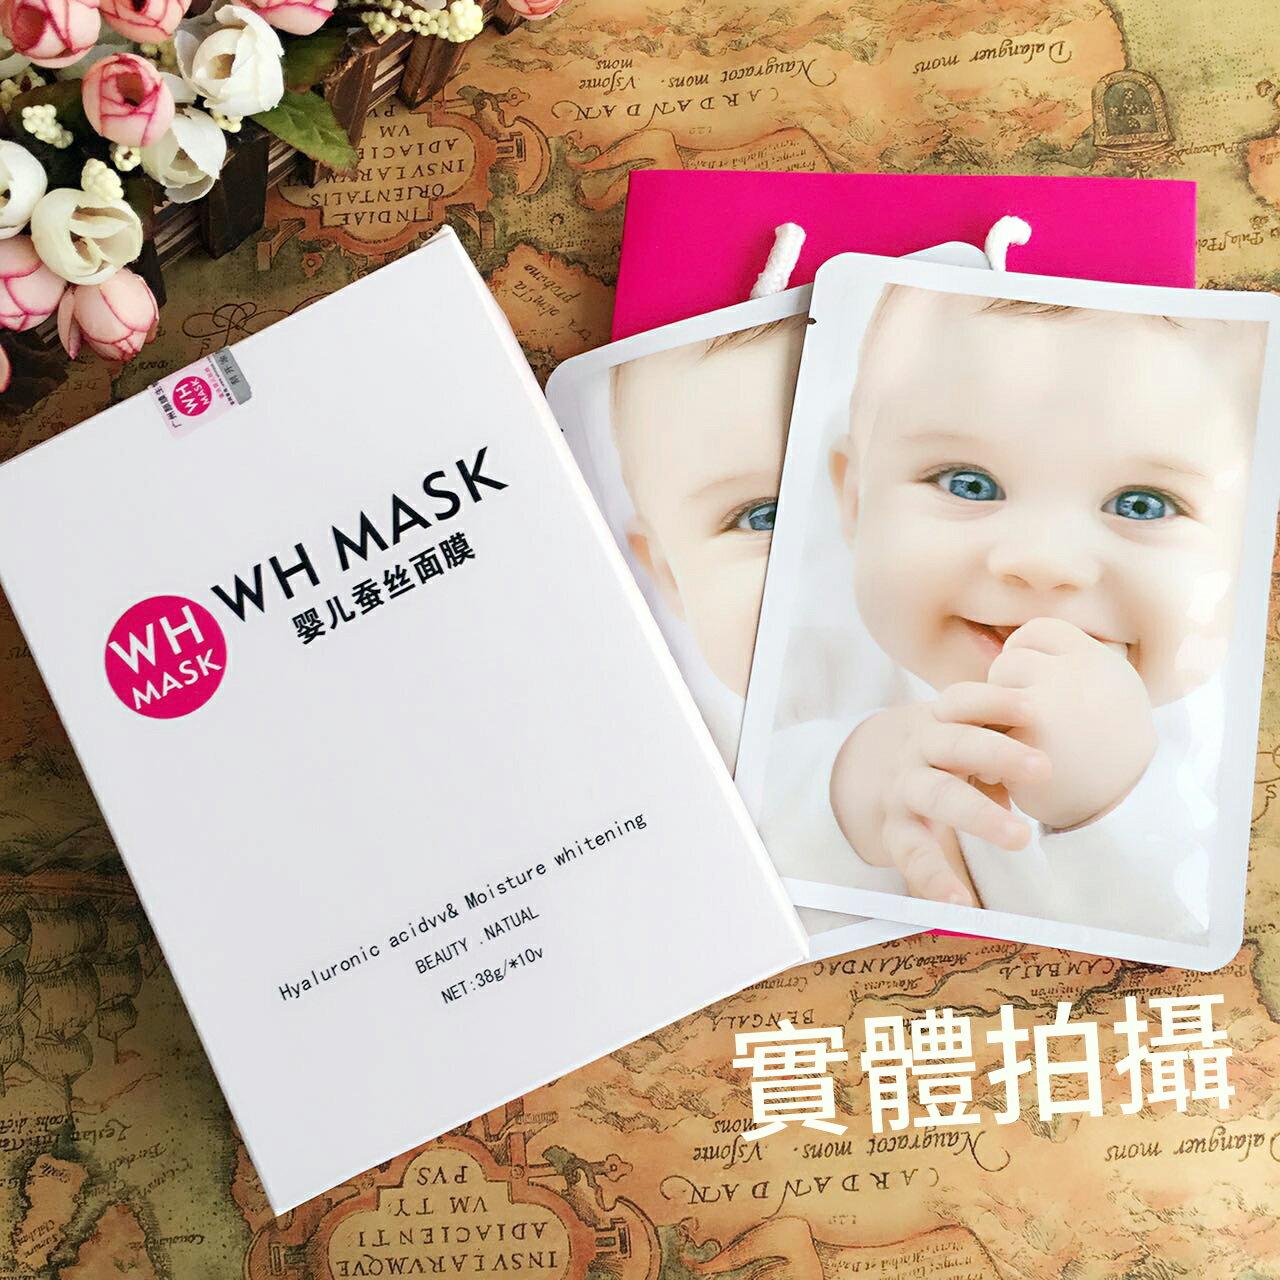 嬰兒蠶絲面膜 女神專用超強補水美白保濕面膜 1